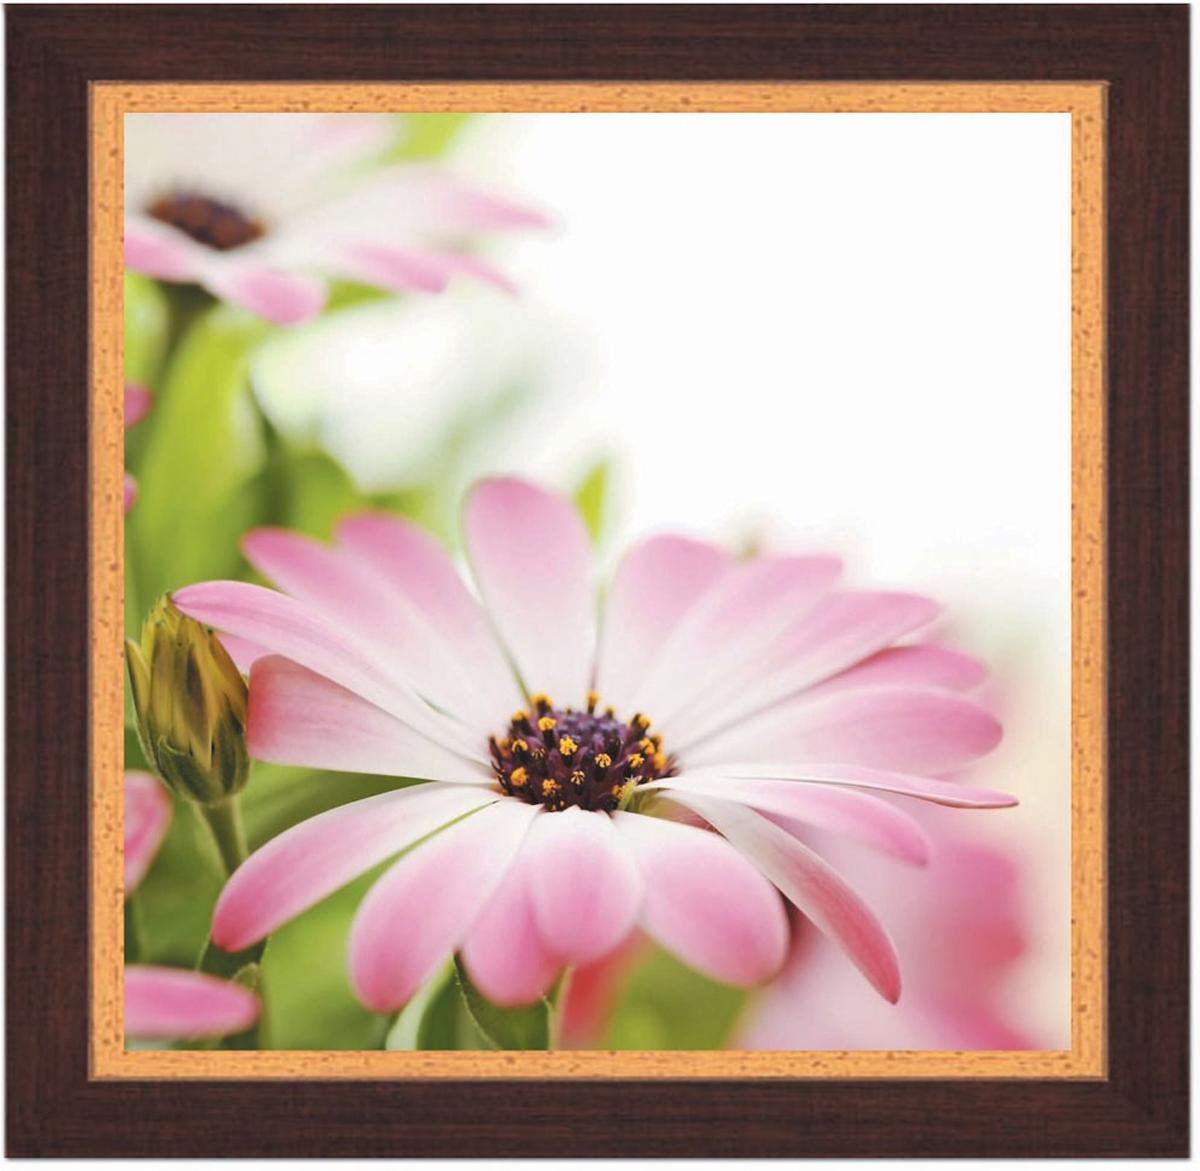 Постер в раме Postermarket Розовая хризантема, 30 х 30 смPM-3006Картина для интерьера (постер) - современное и актуальное направление в дизайне любых помещений.Постер с красочным изображением розовой хризантемы оформлен в раму коричневого цвета, выполненную из пластика под дерево. Картина защищена прозрачным пластиком. С задней стороны имеется петелька для подвешивания к стене.Картина может использоваться для оформления любых интерьеров: - дом, квартира (гостиная, спальня, кухня, прихожая, детская); - офис (комната переговоров, холл, кабинет); - бар, кафе, ресторан или гостиница. Картины, предоставляемые компанией Постермаркет:- собраны вручную из лучших импортных комплектующих; - надежно упакованы в пленку с противоударными уголками.